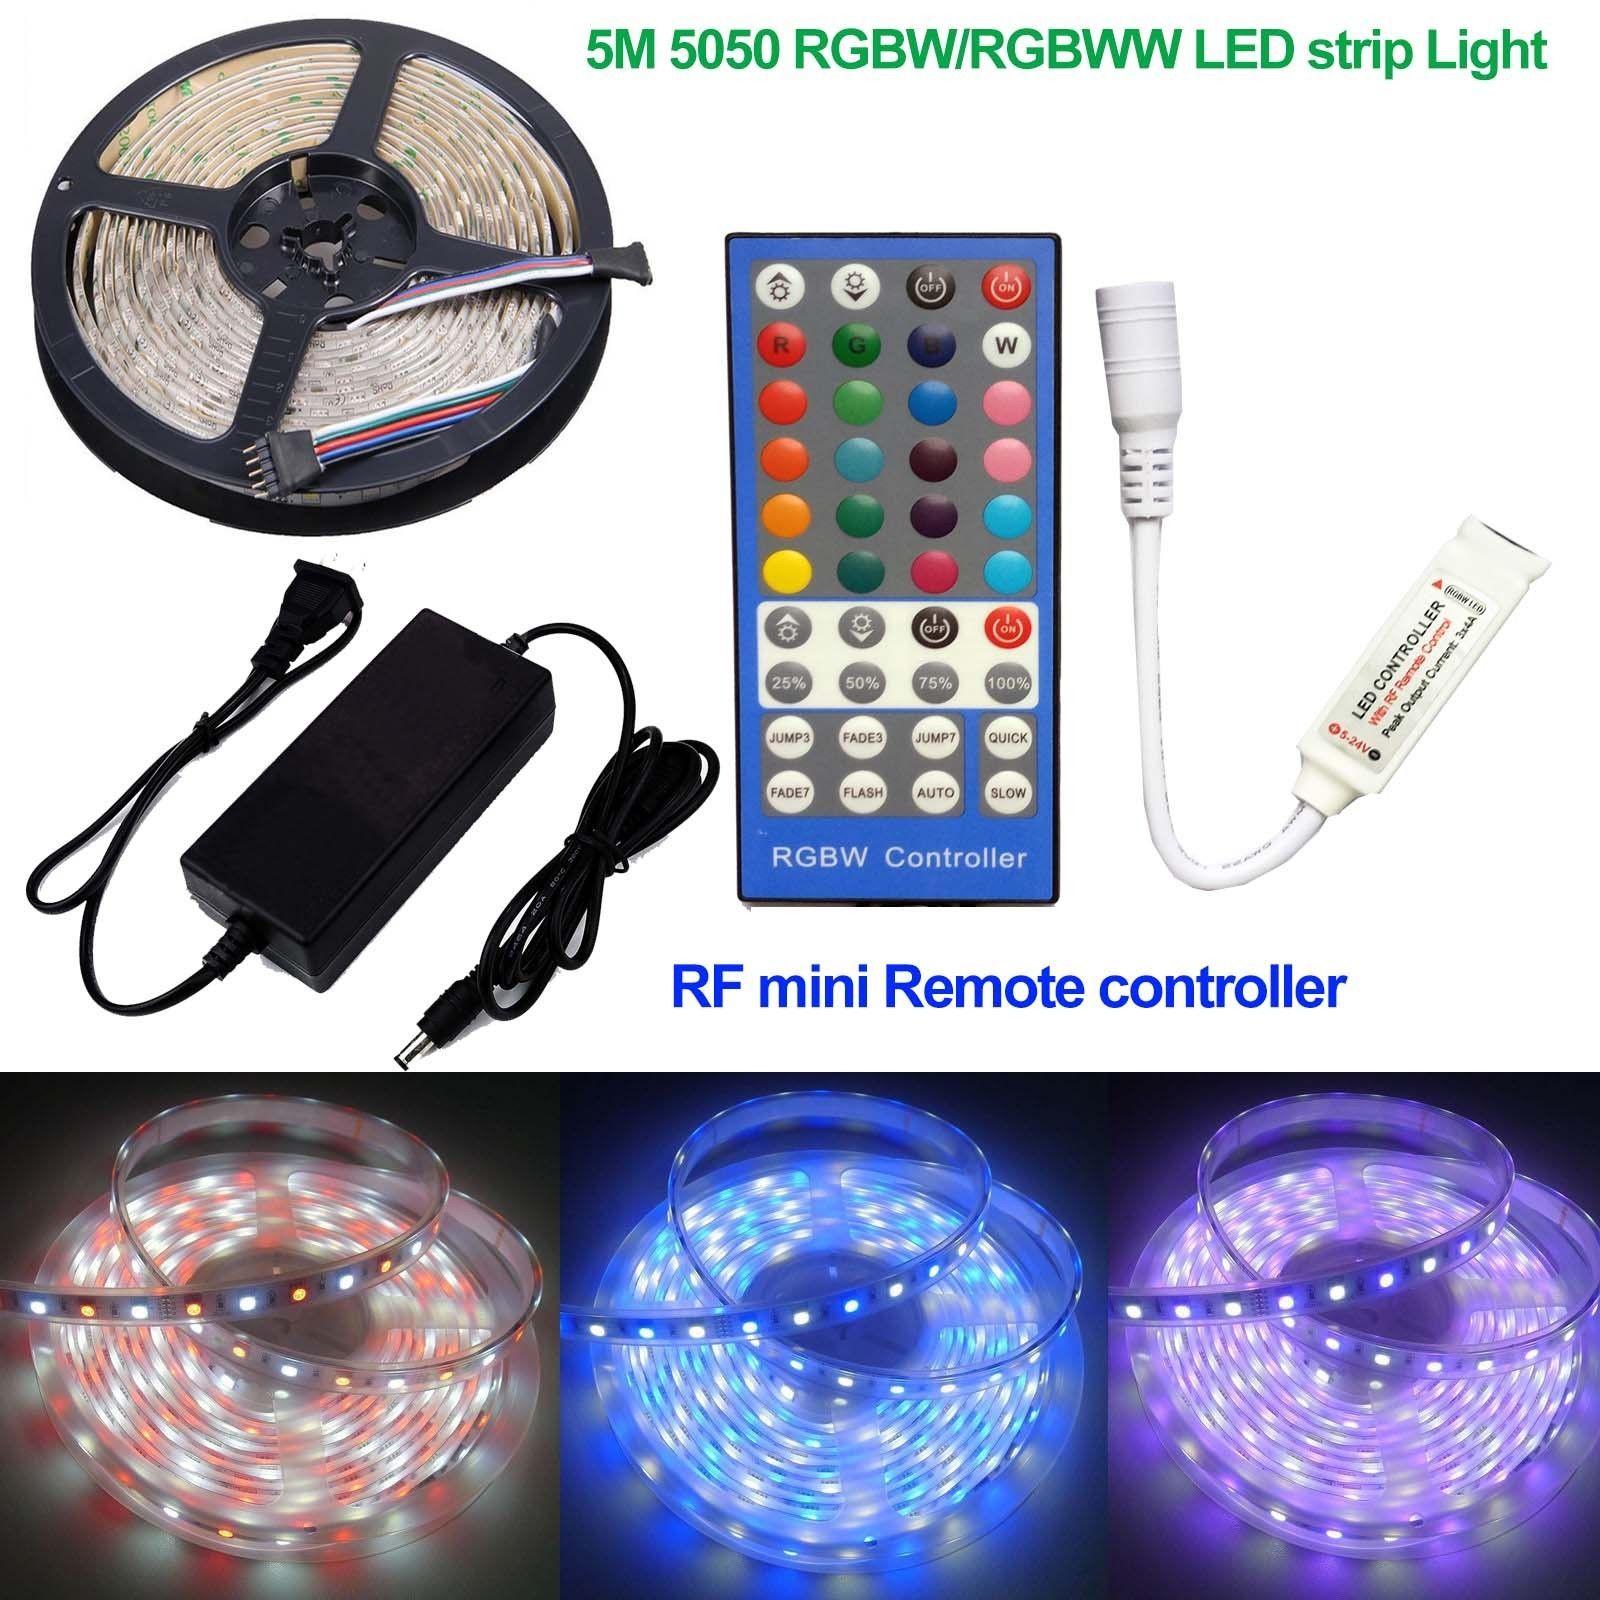 $5 9 5M 16 4Ft Smd 5050 Rgbw String Rgbww Led Strip Lights 12V Rf